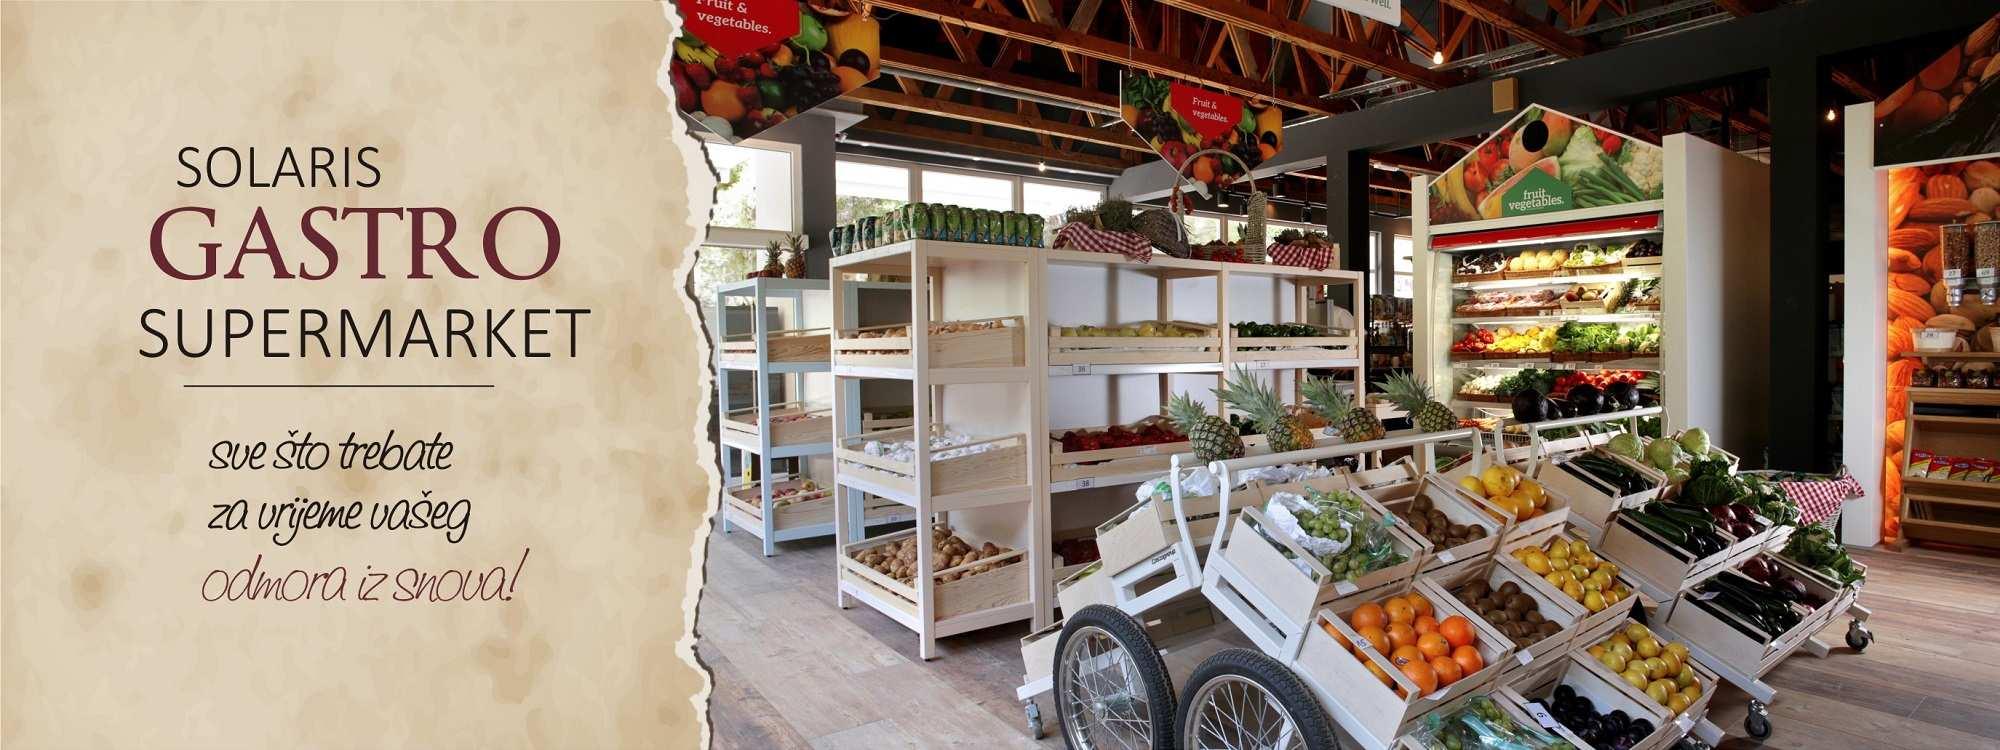 Solaris_shopping_gastro_supermarket_camping_hrvatska_odmor_ljetovanje